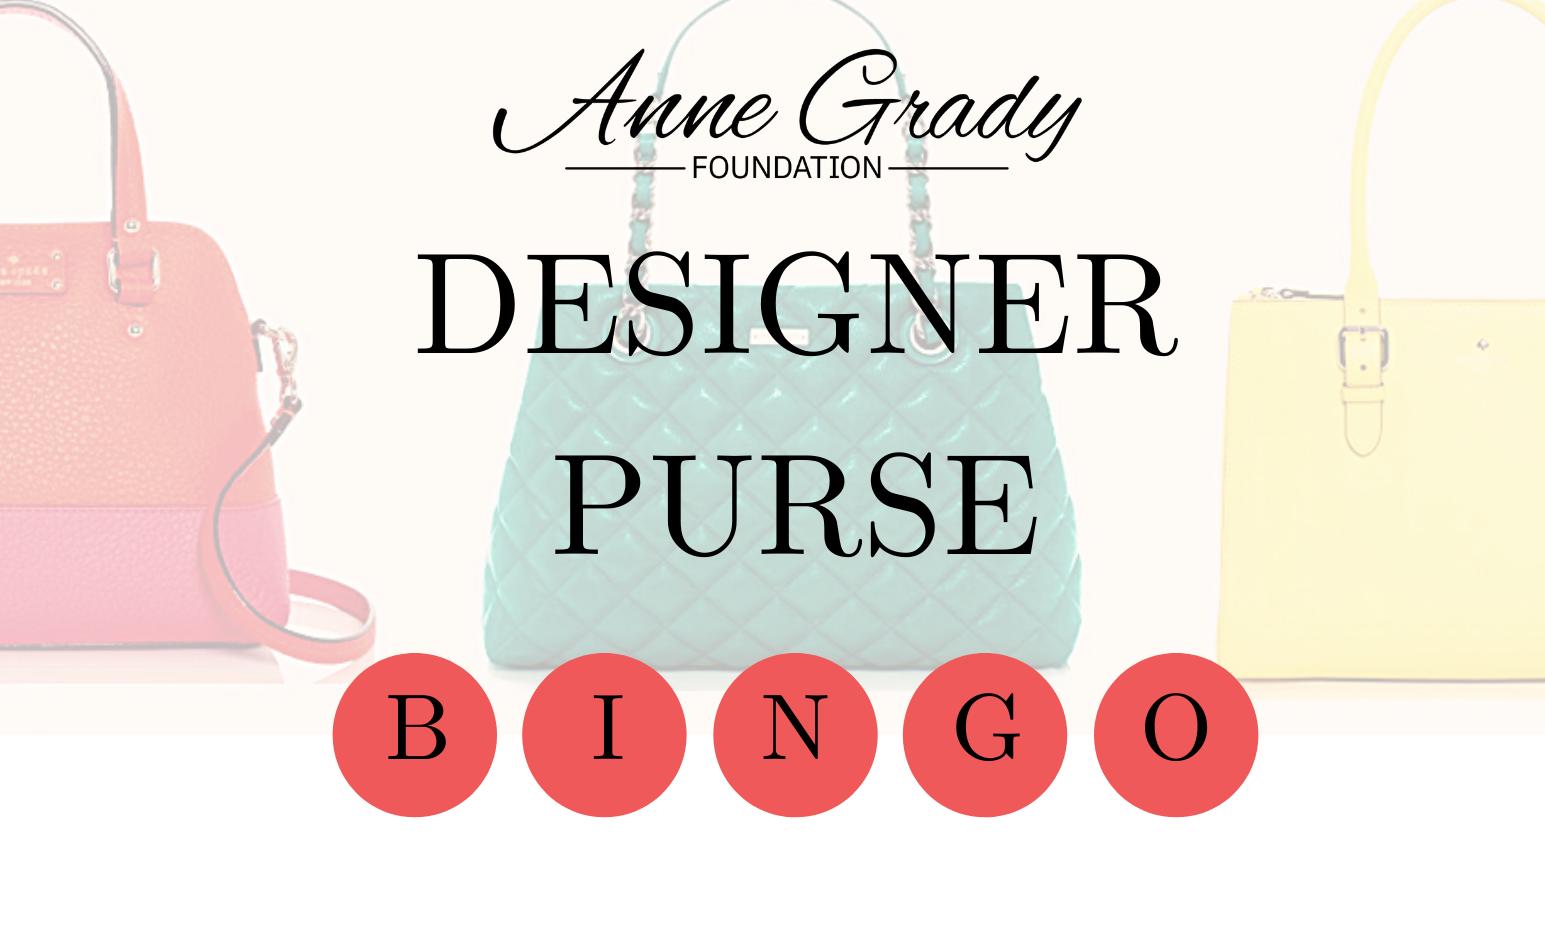 Design Purse Bingo Graphic